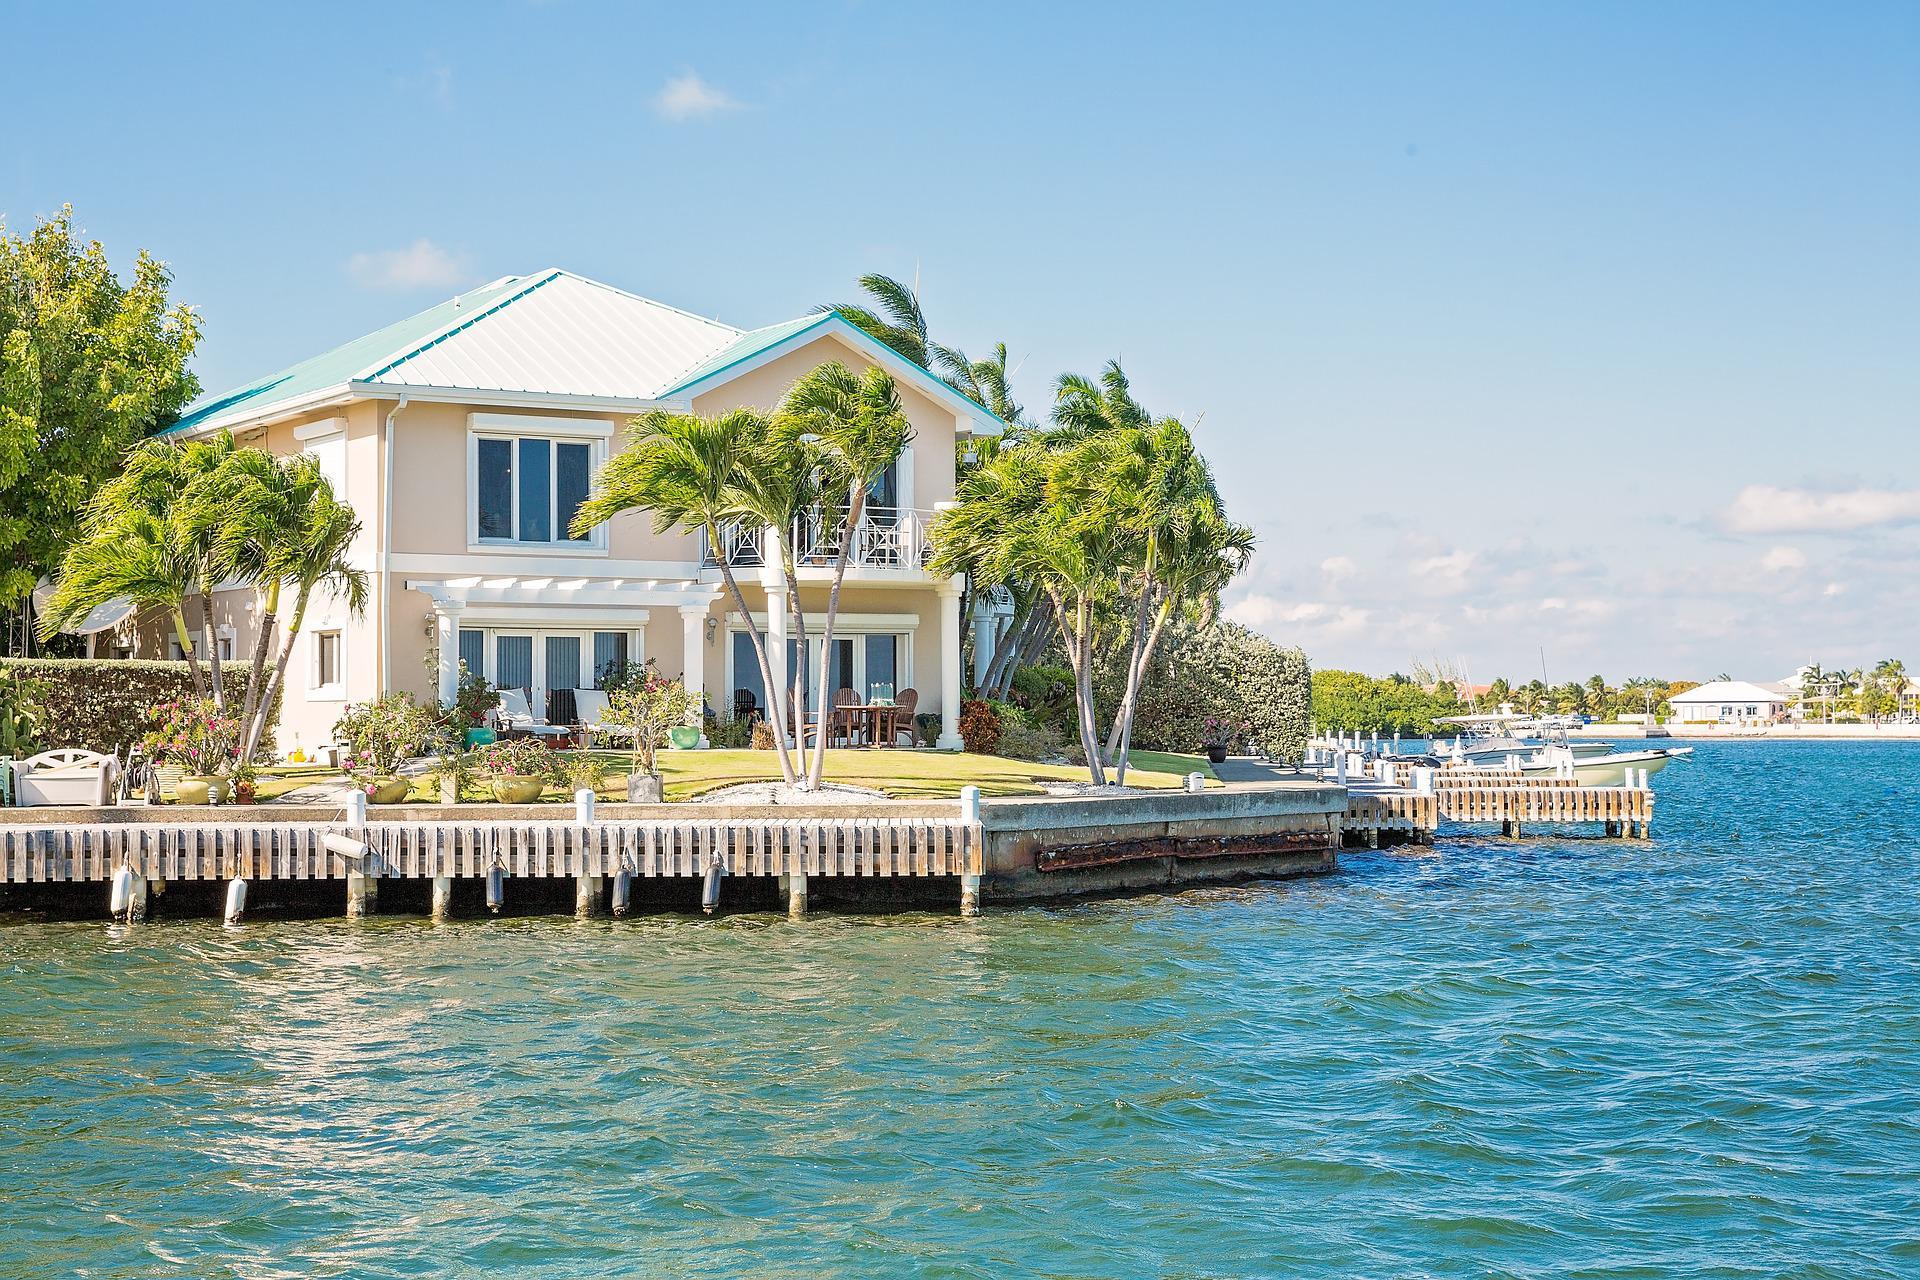 Каймановы острова повысили пошлины для компаний